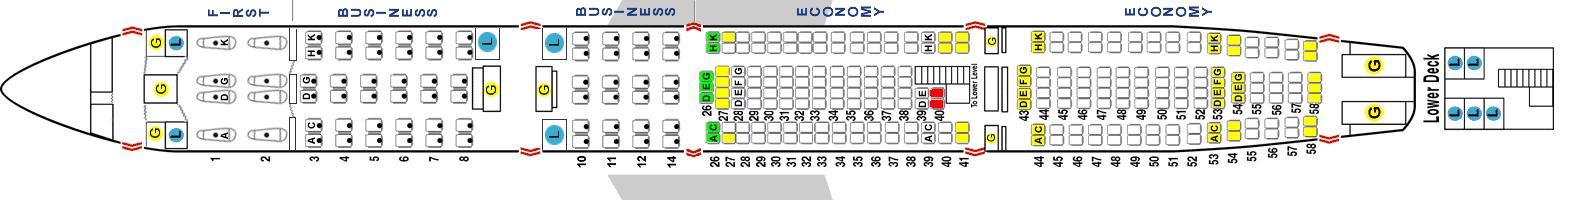 Схема салона самолета А340-600